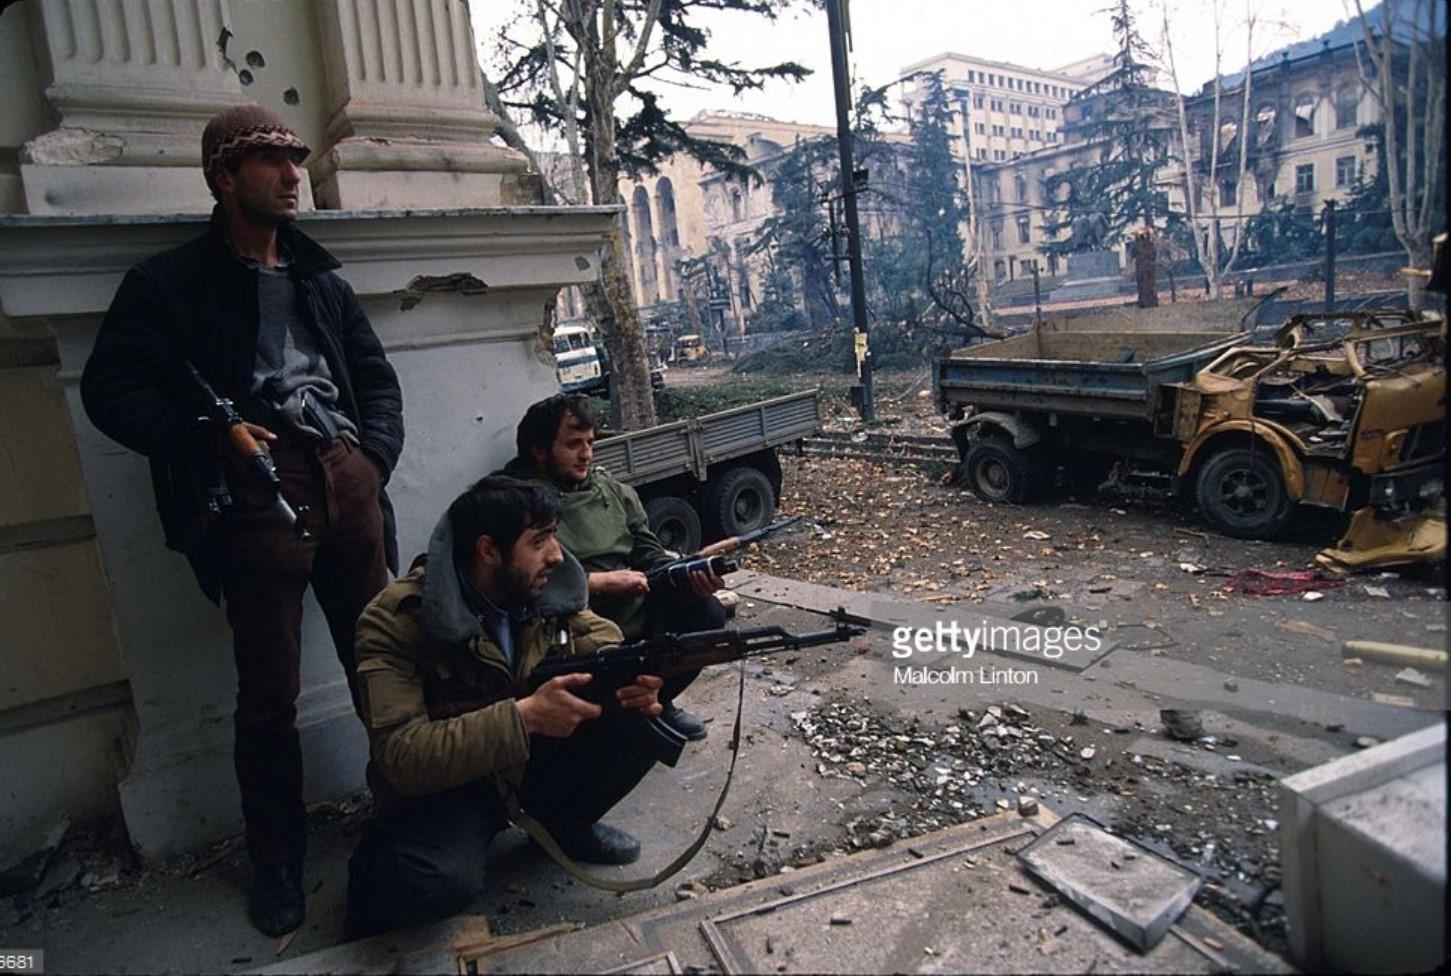 1991. 31 декабря. Тбилиси. Бойцы во время затишья